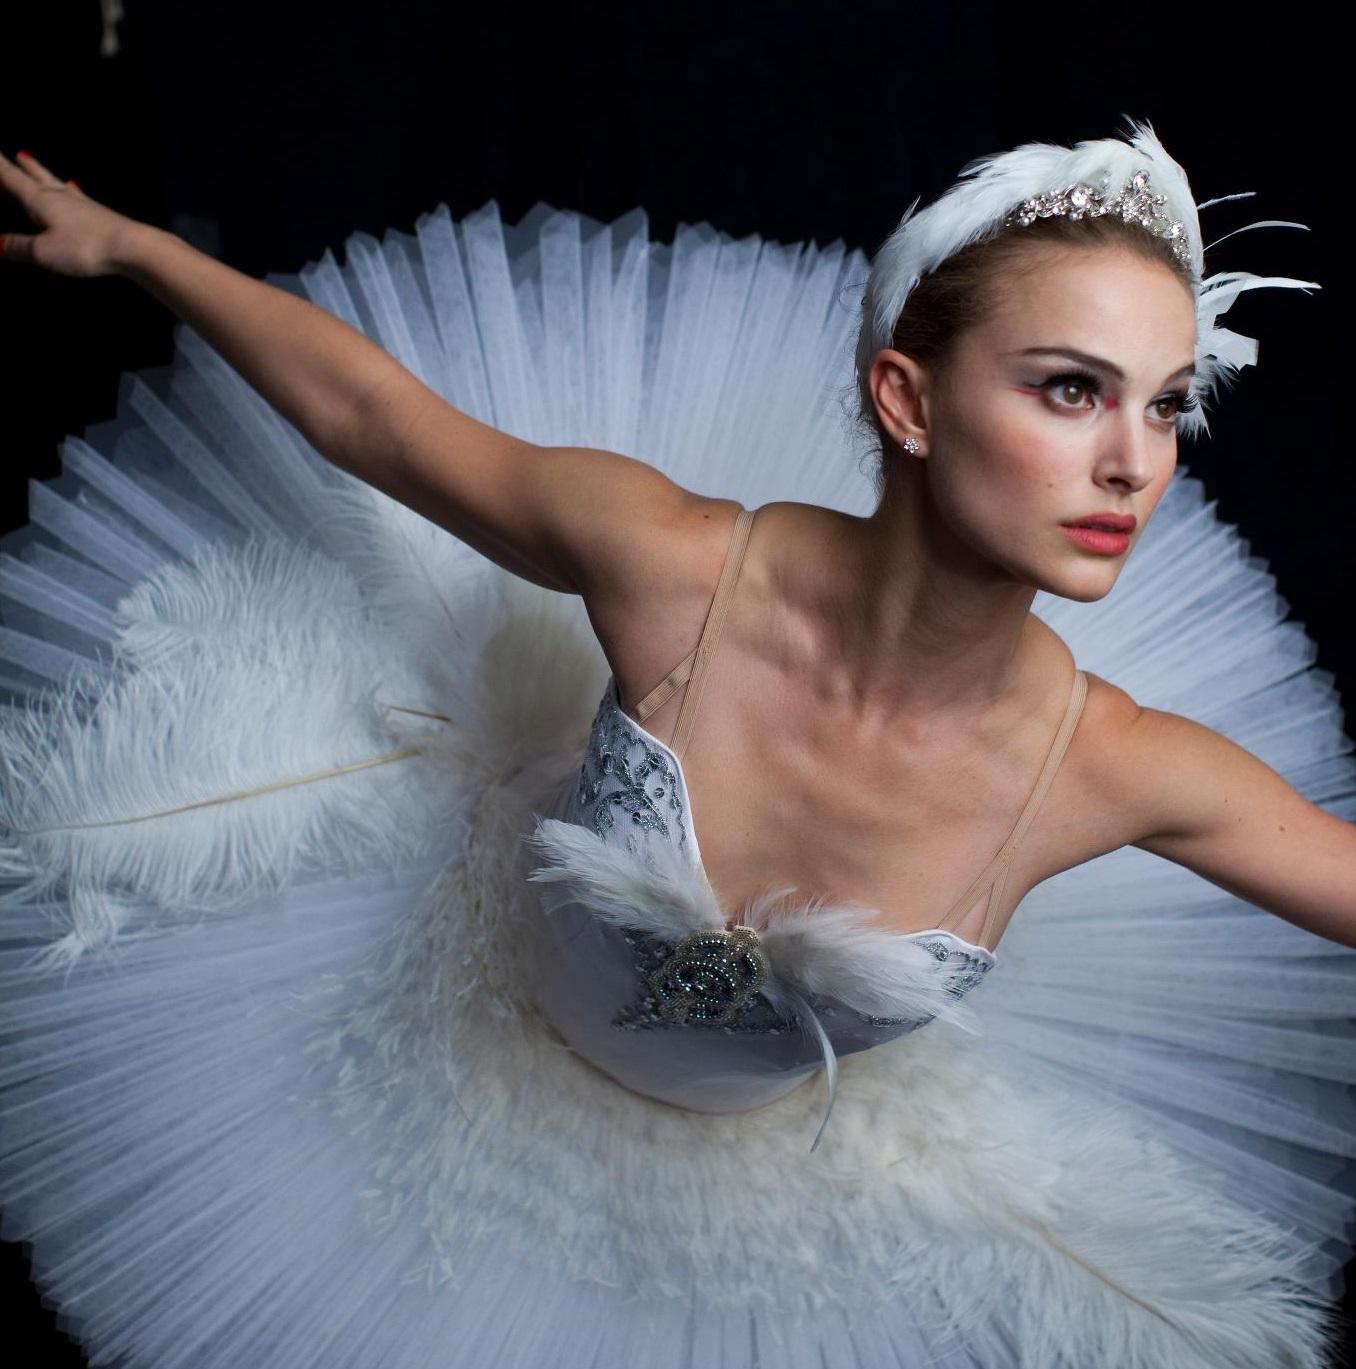 Come nasce la musica da balletto, la combinazione con la danza e l'arte della composizione